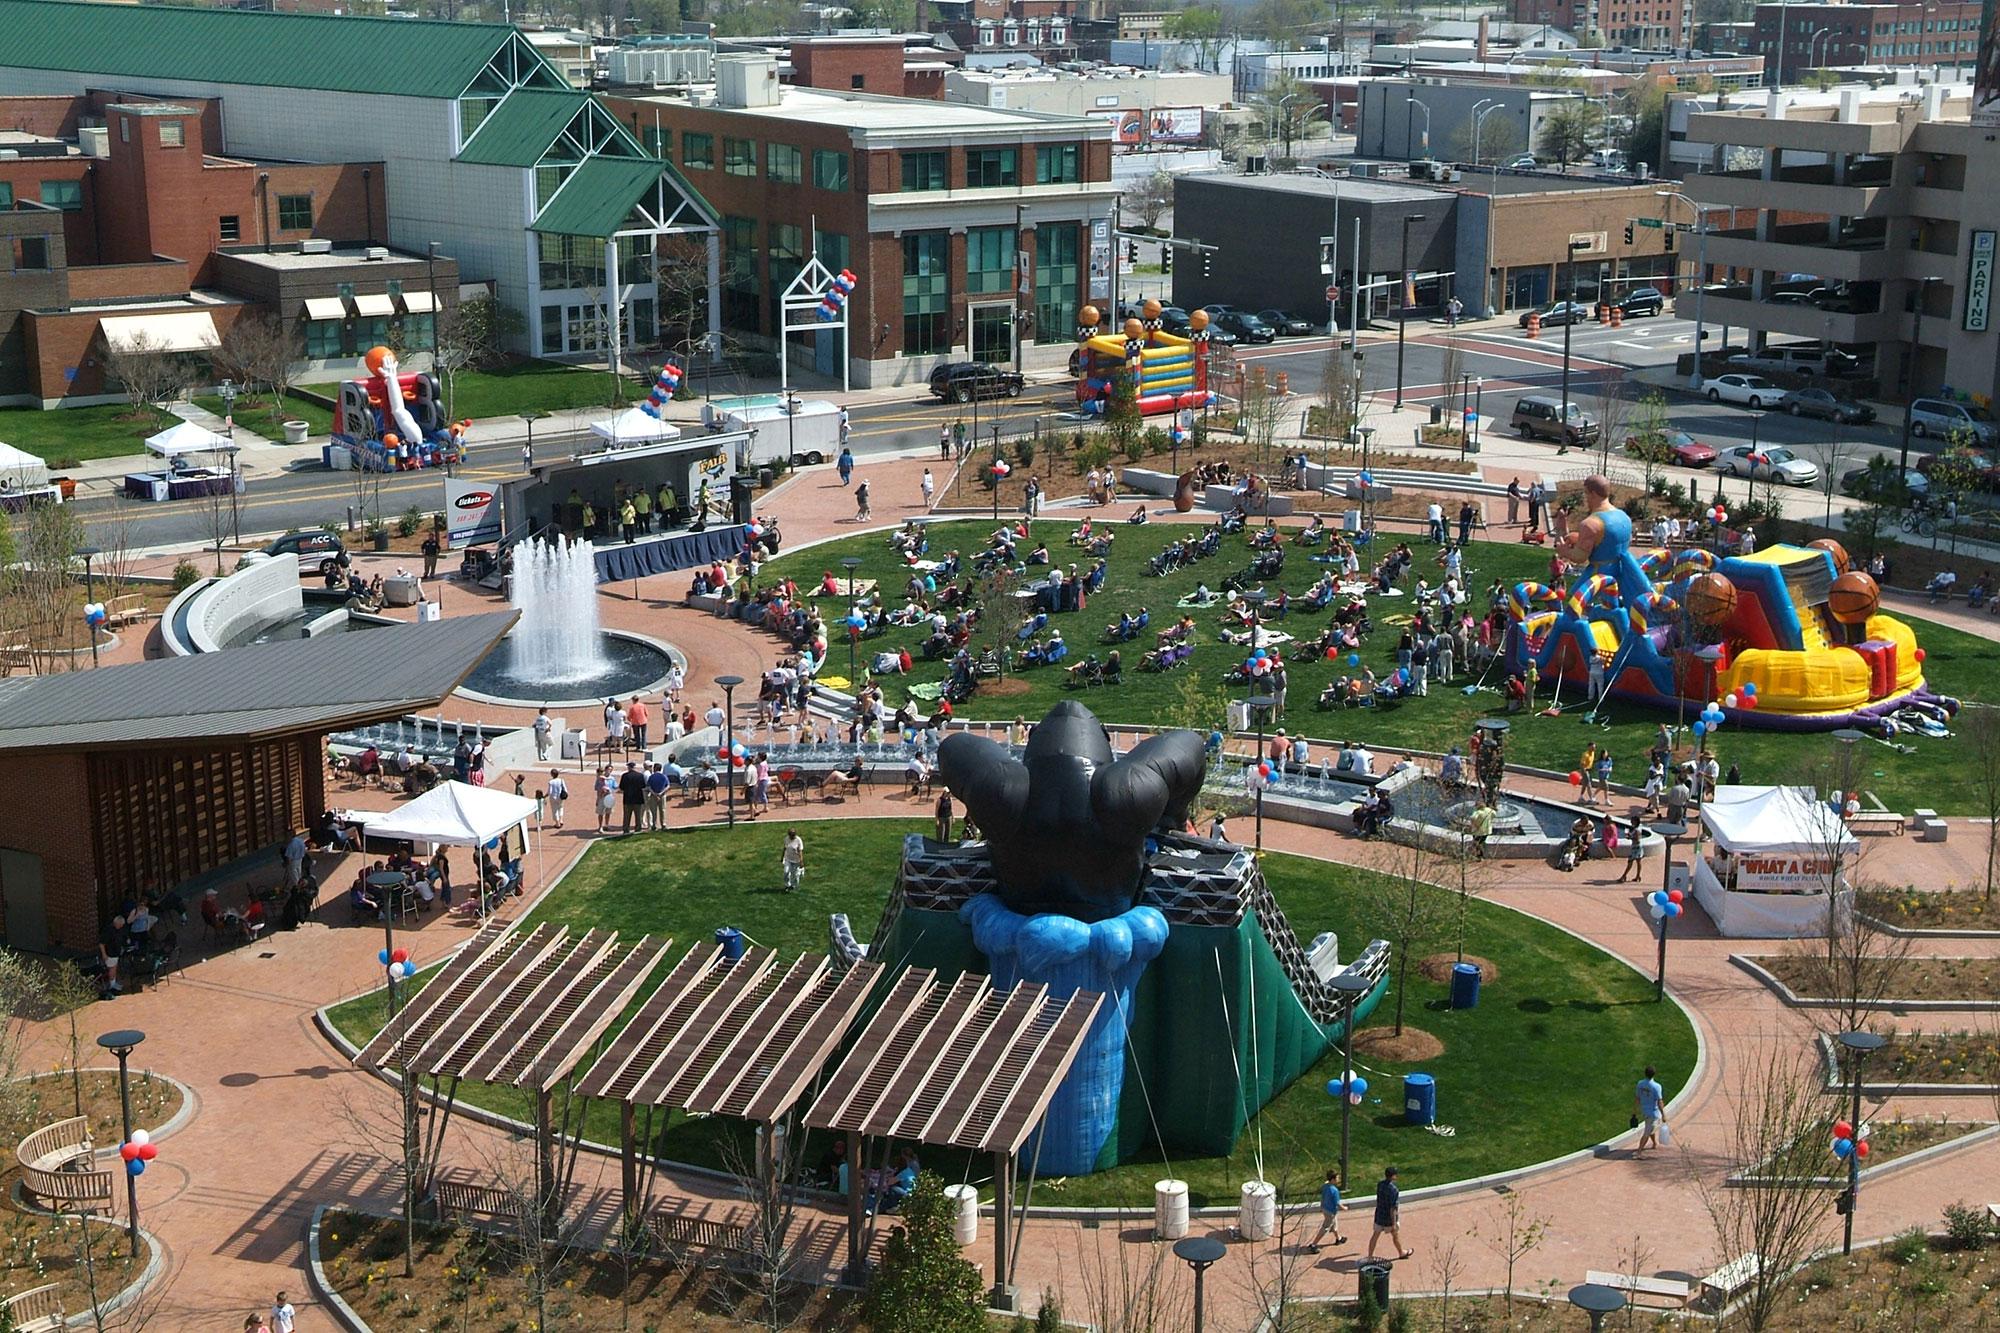 City Center Park